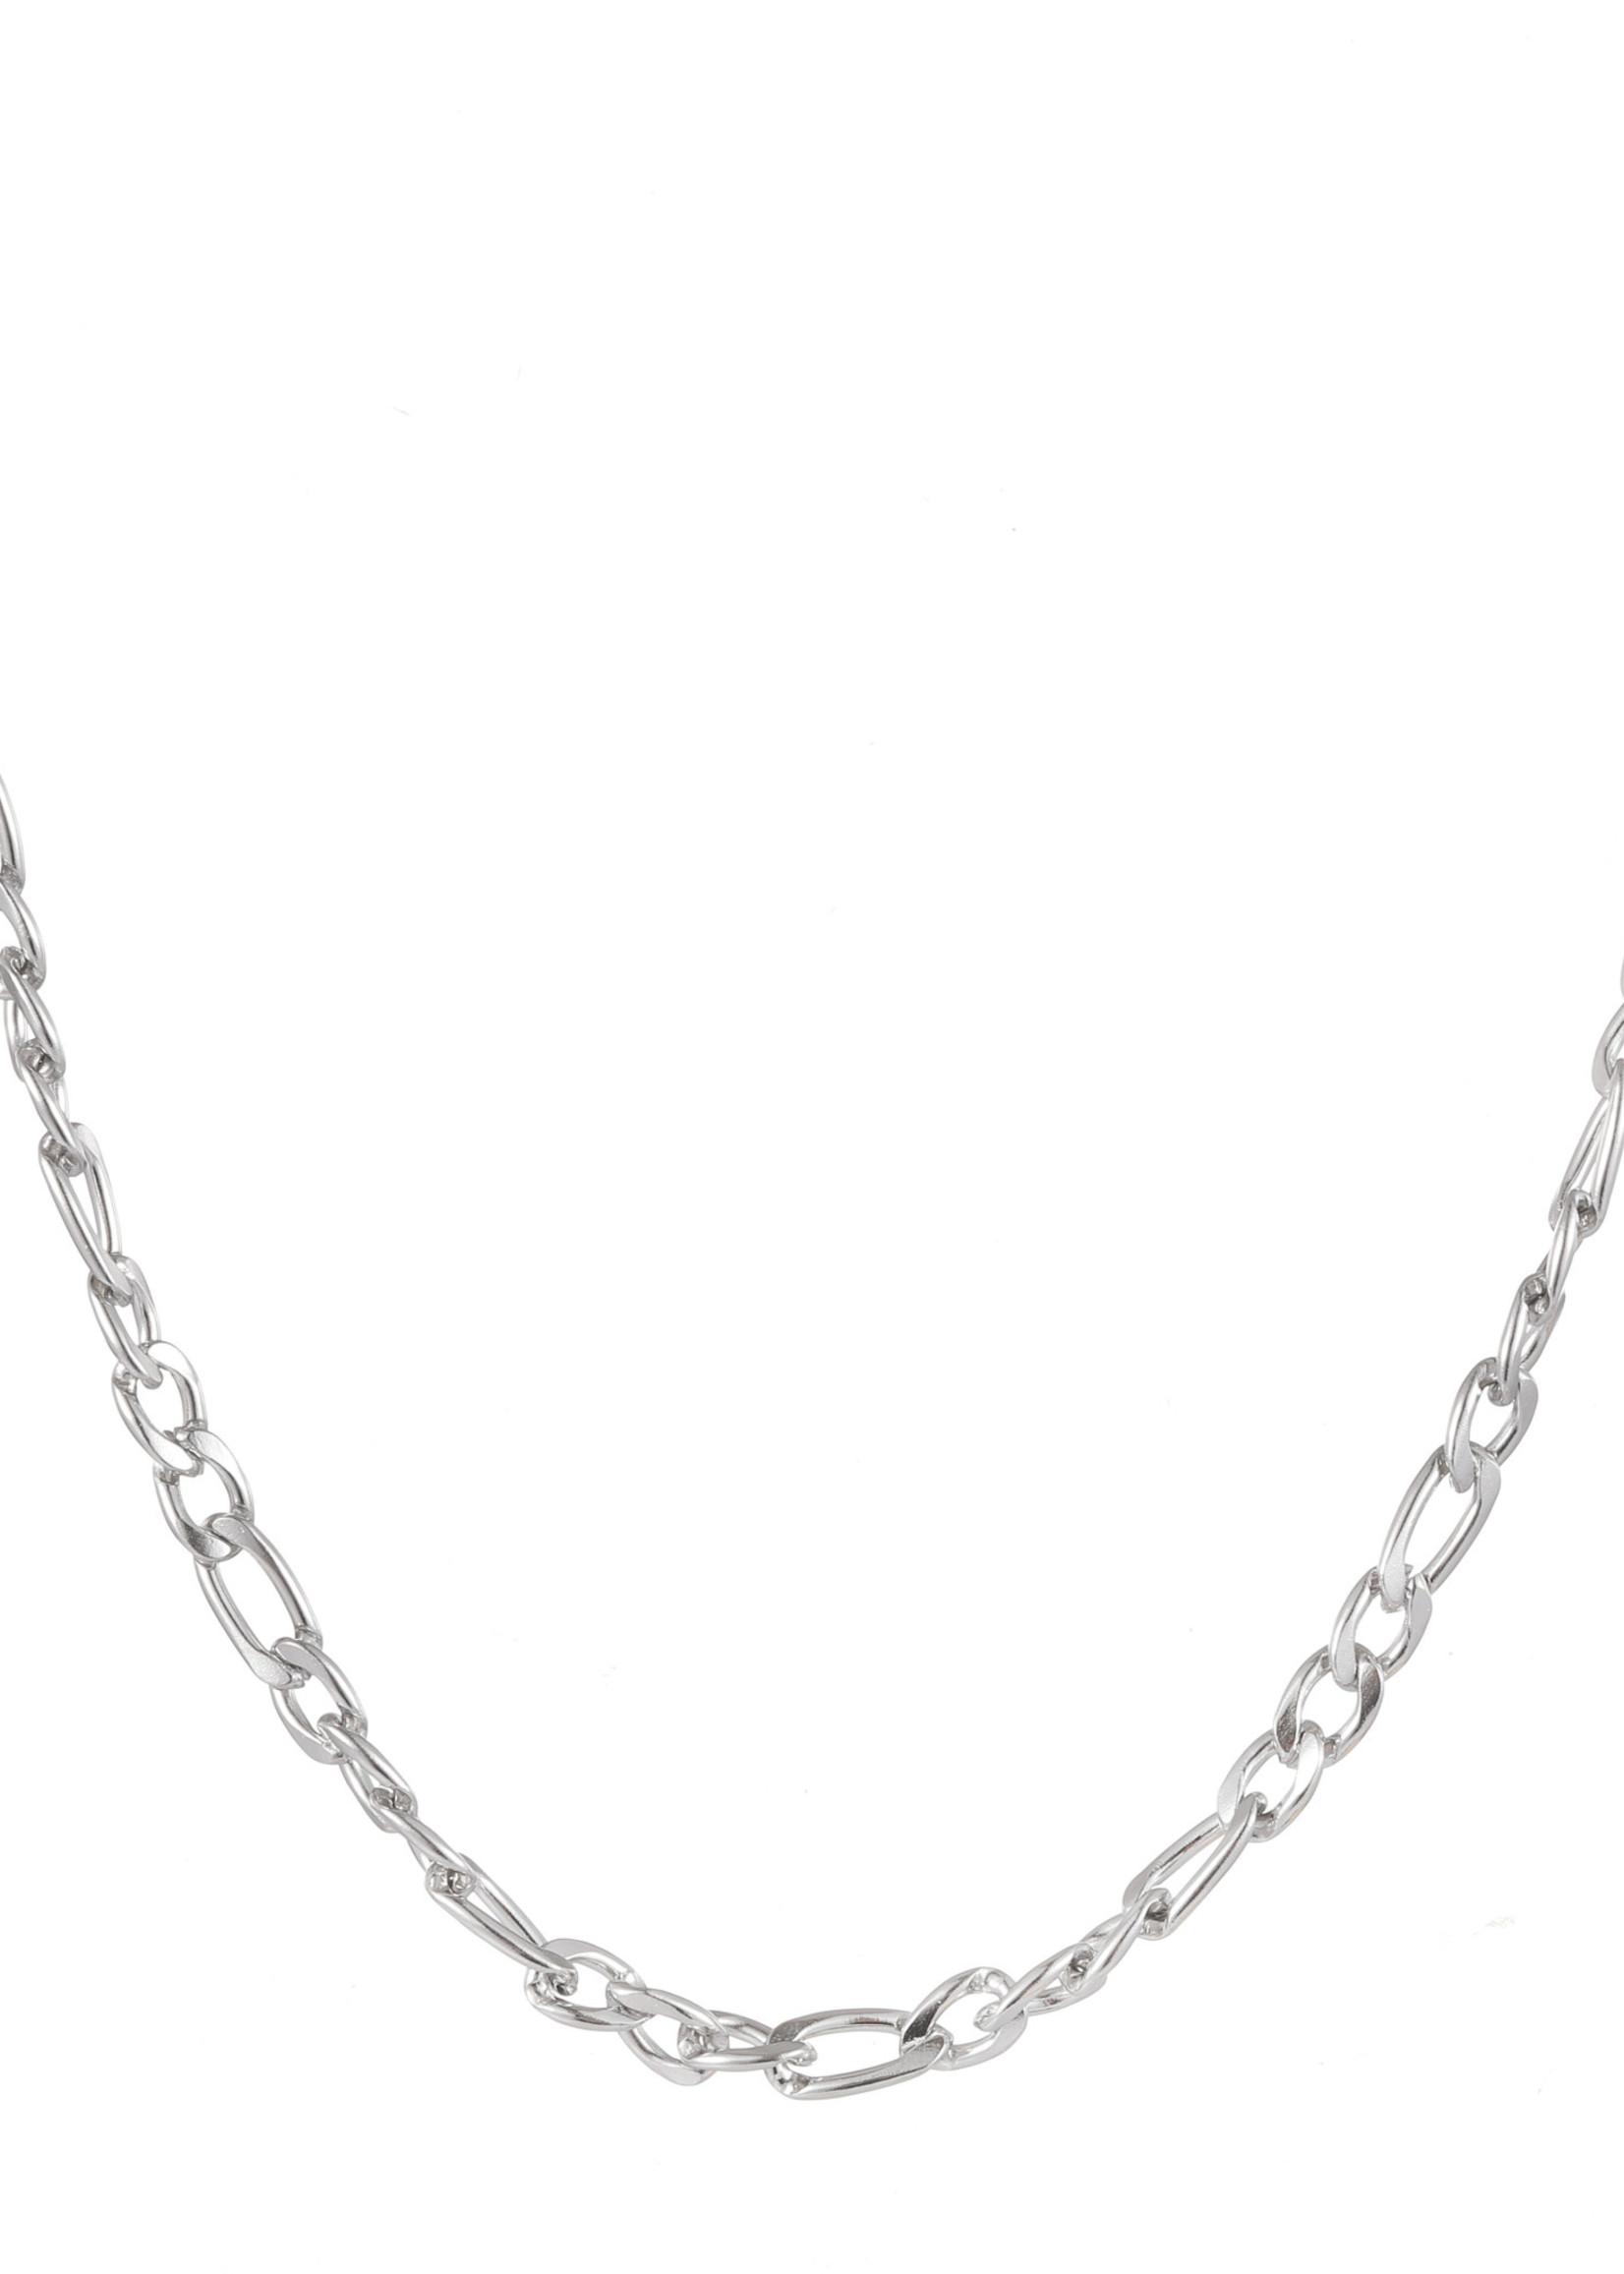 Ketting zilver met verschillende schakels N1772-1